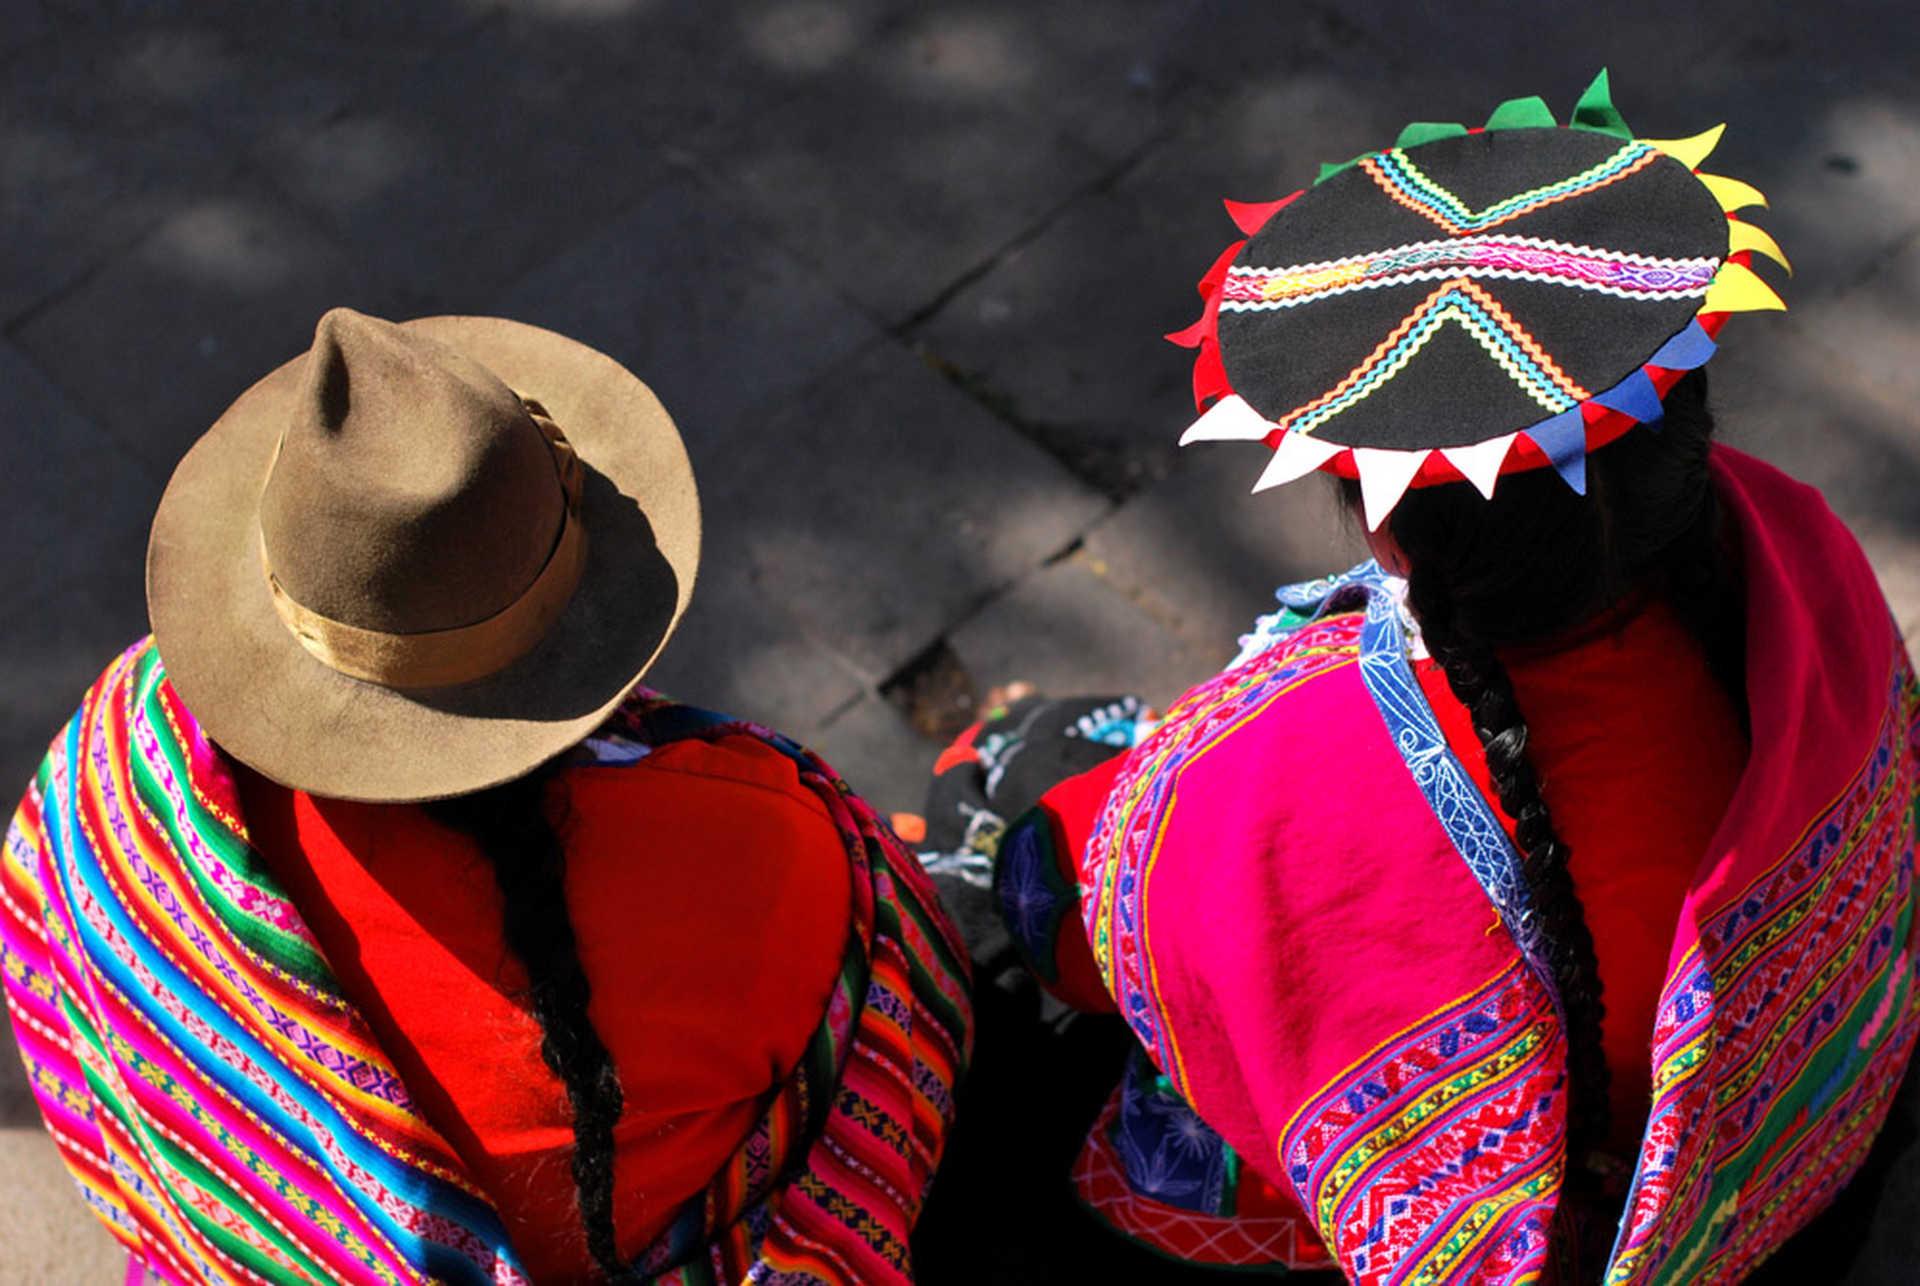 Cholitas in Peru